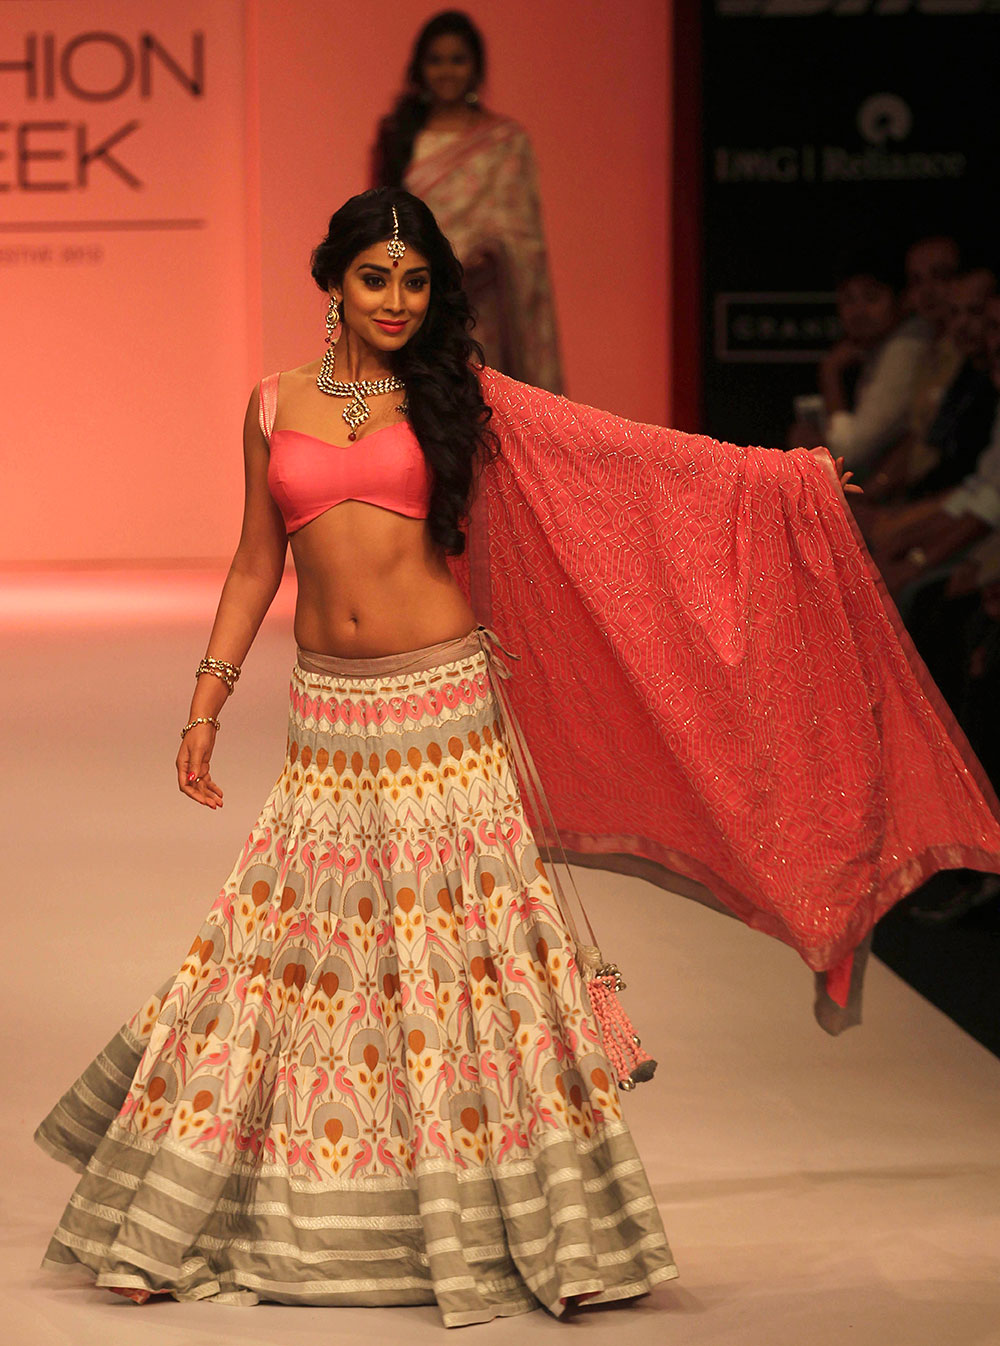 अभिनेत्री श्रिया सरन श्रवण कुमार यांचं कलेक्शन सादर करताना लॅक्मे फॅशन वीकच्या रॅम्पवर...